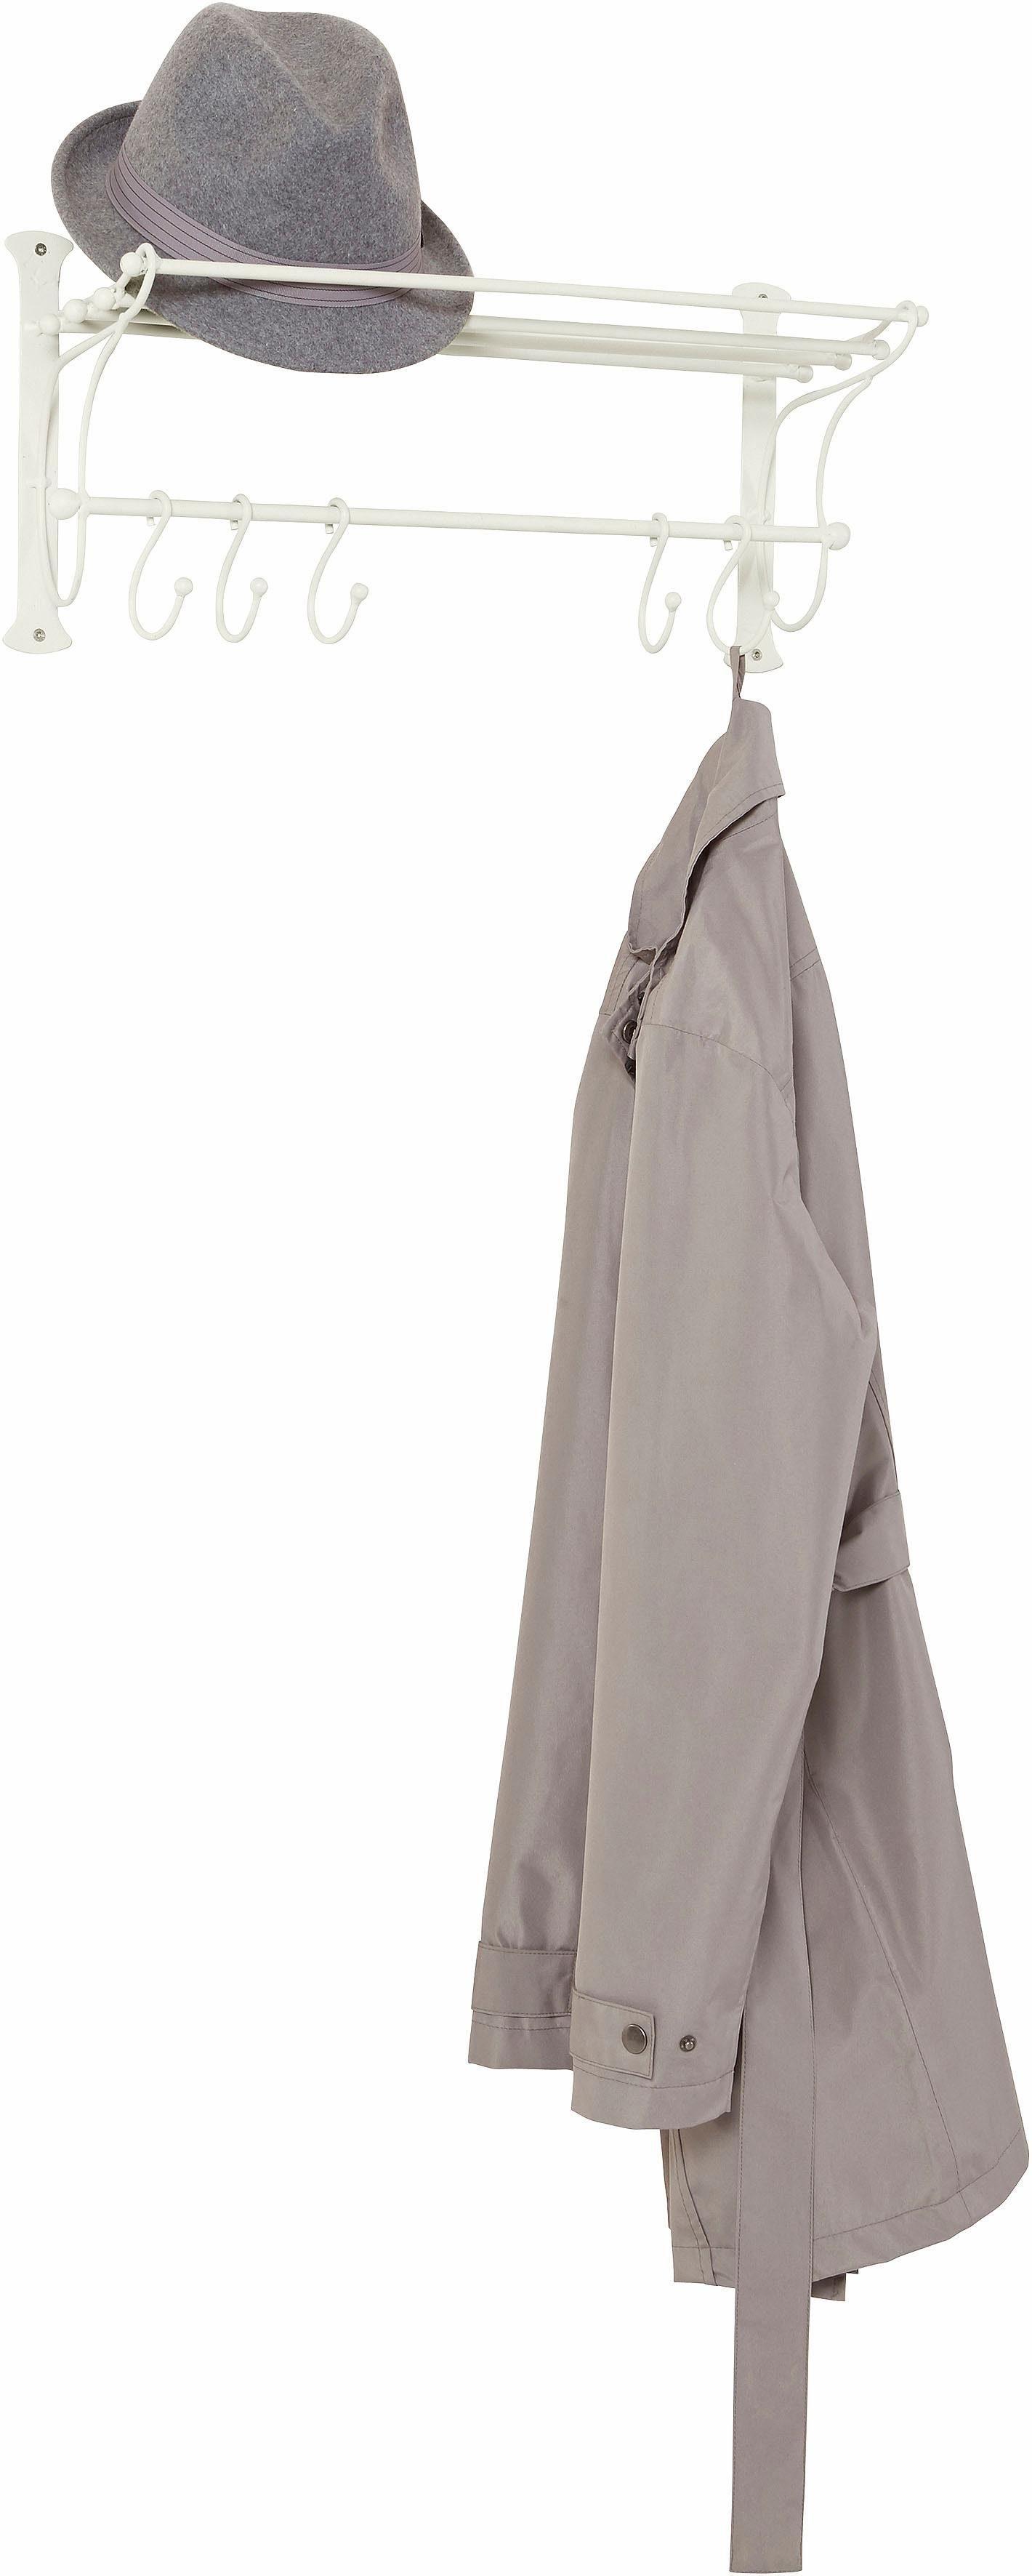 Home affaire Garderobe-Regal mit Haken 54 cm